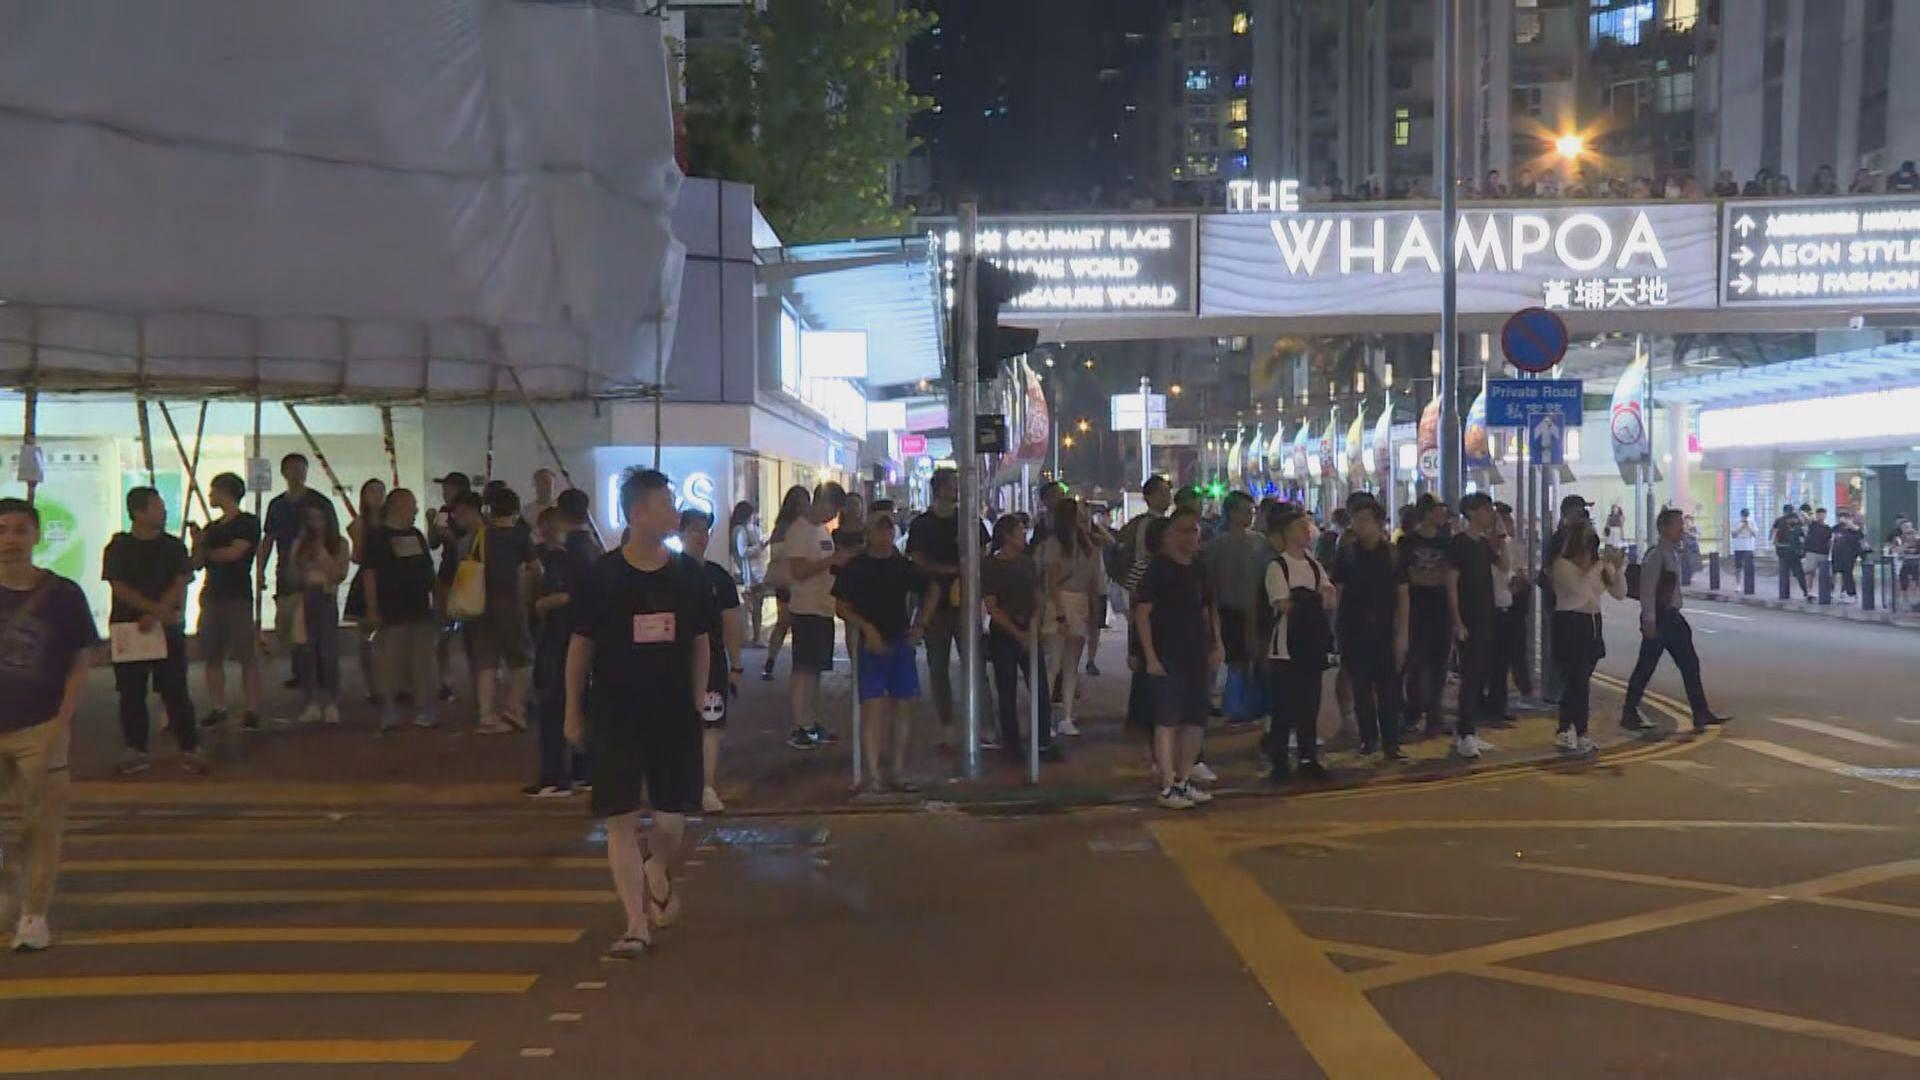 黃埔晚上有市民聚集 防暴警察到場驅散